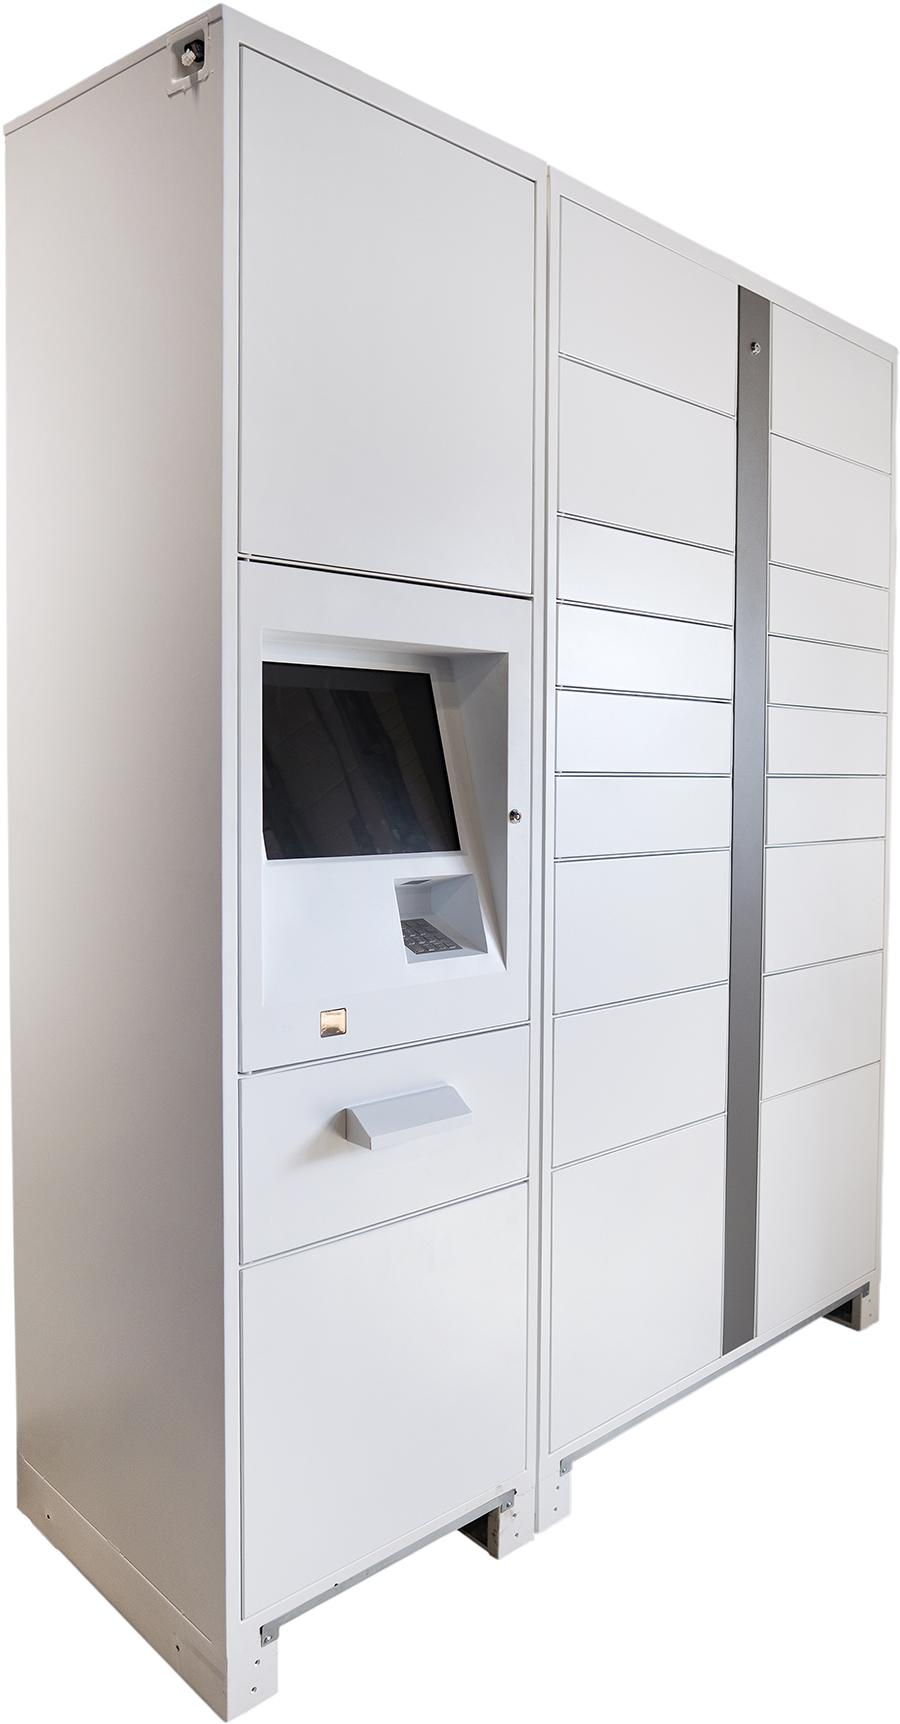 smart parcel locker